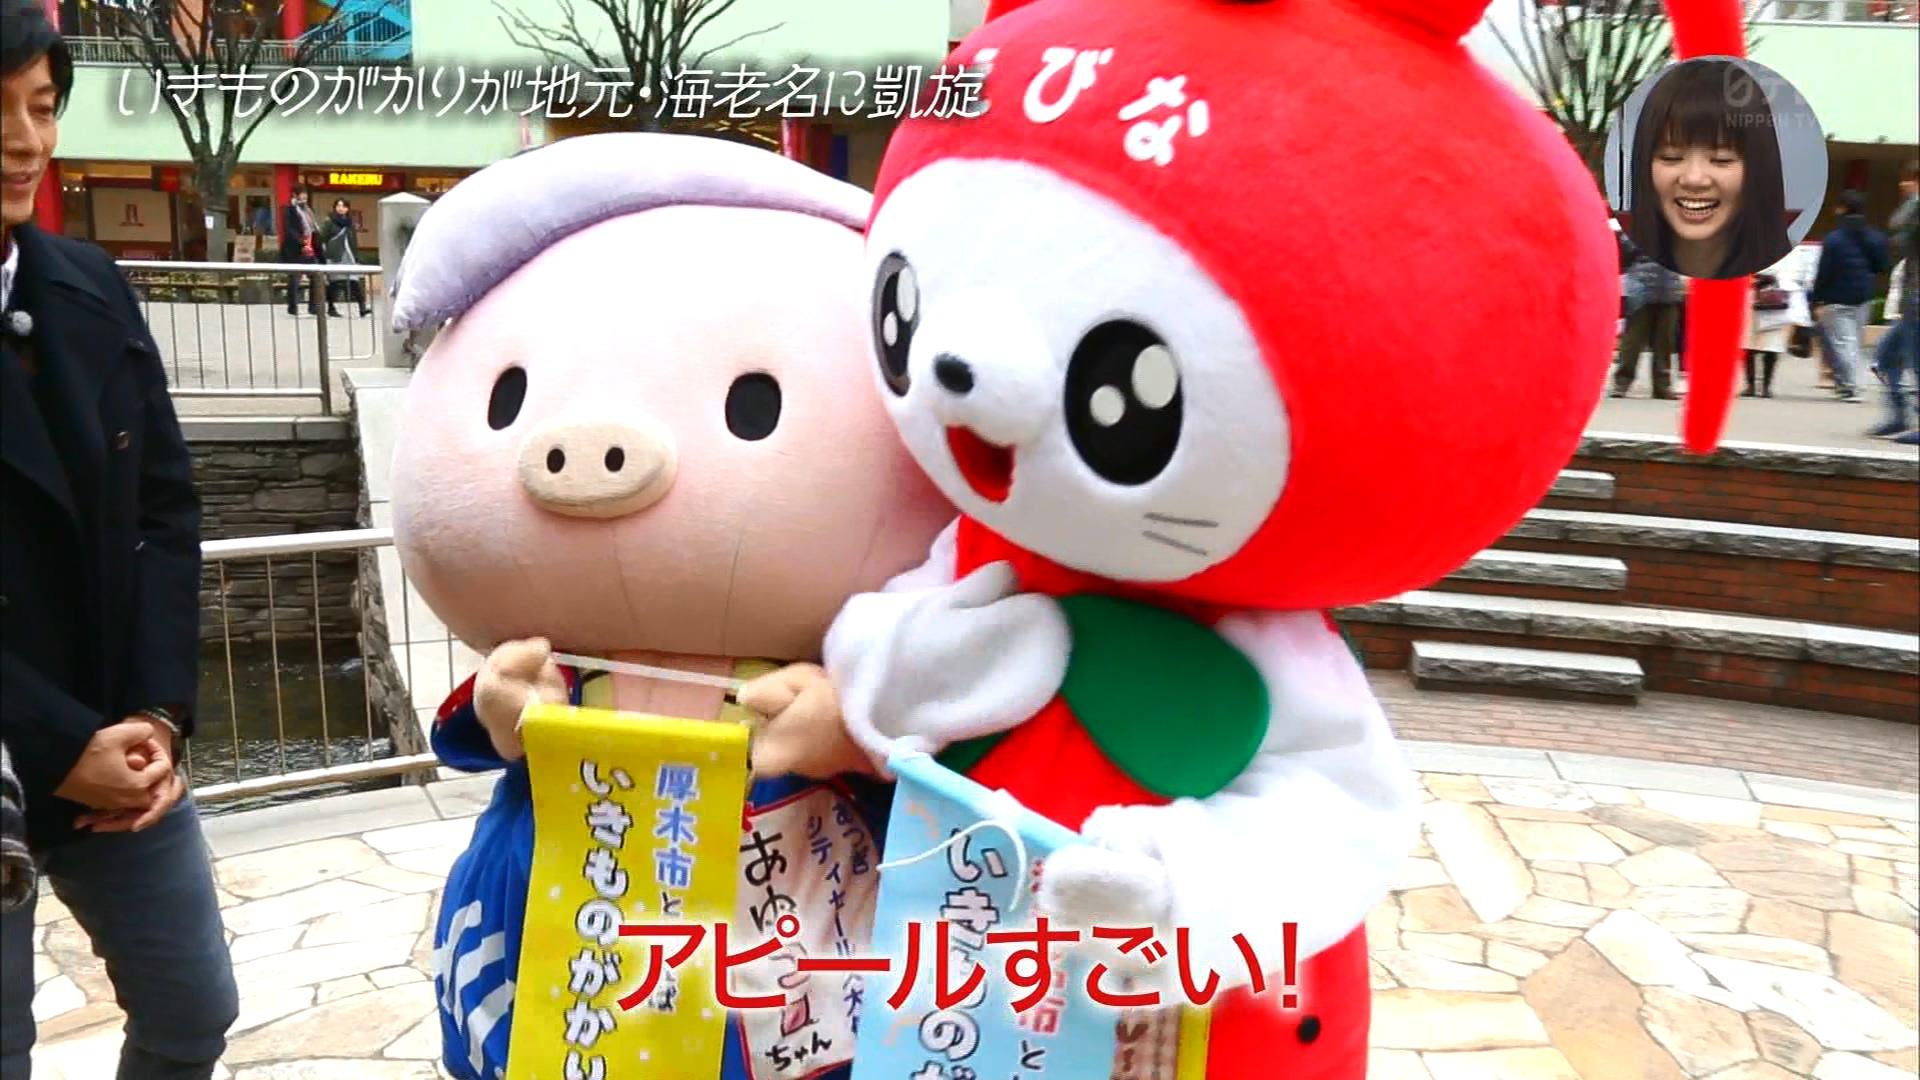 2016.03.13 全場(おしゃれイズム).ts_20160314_011749.853